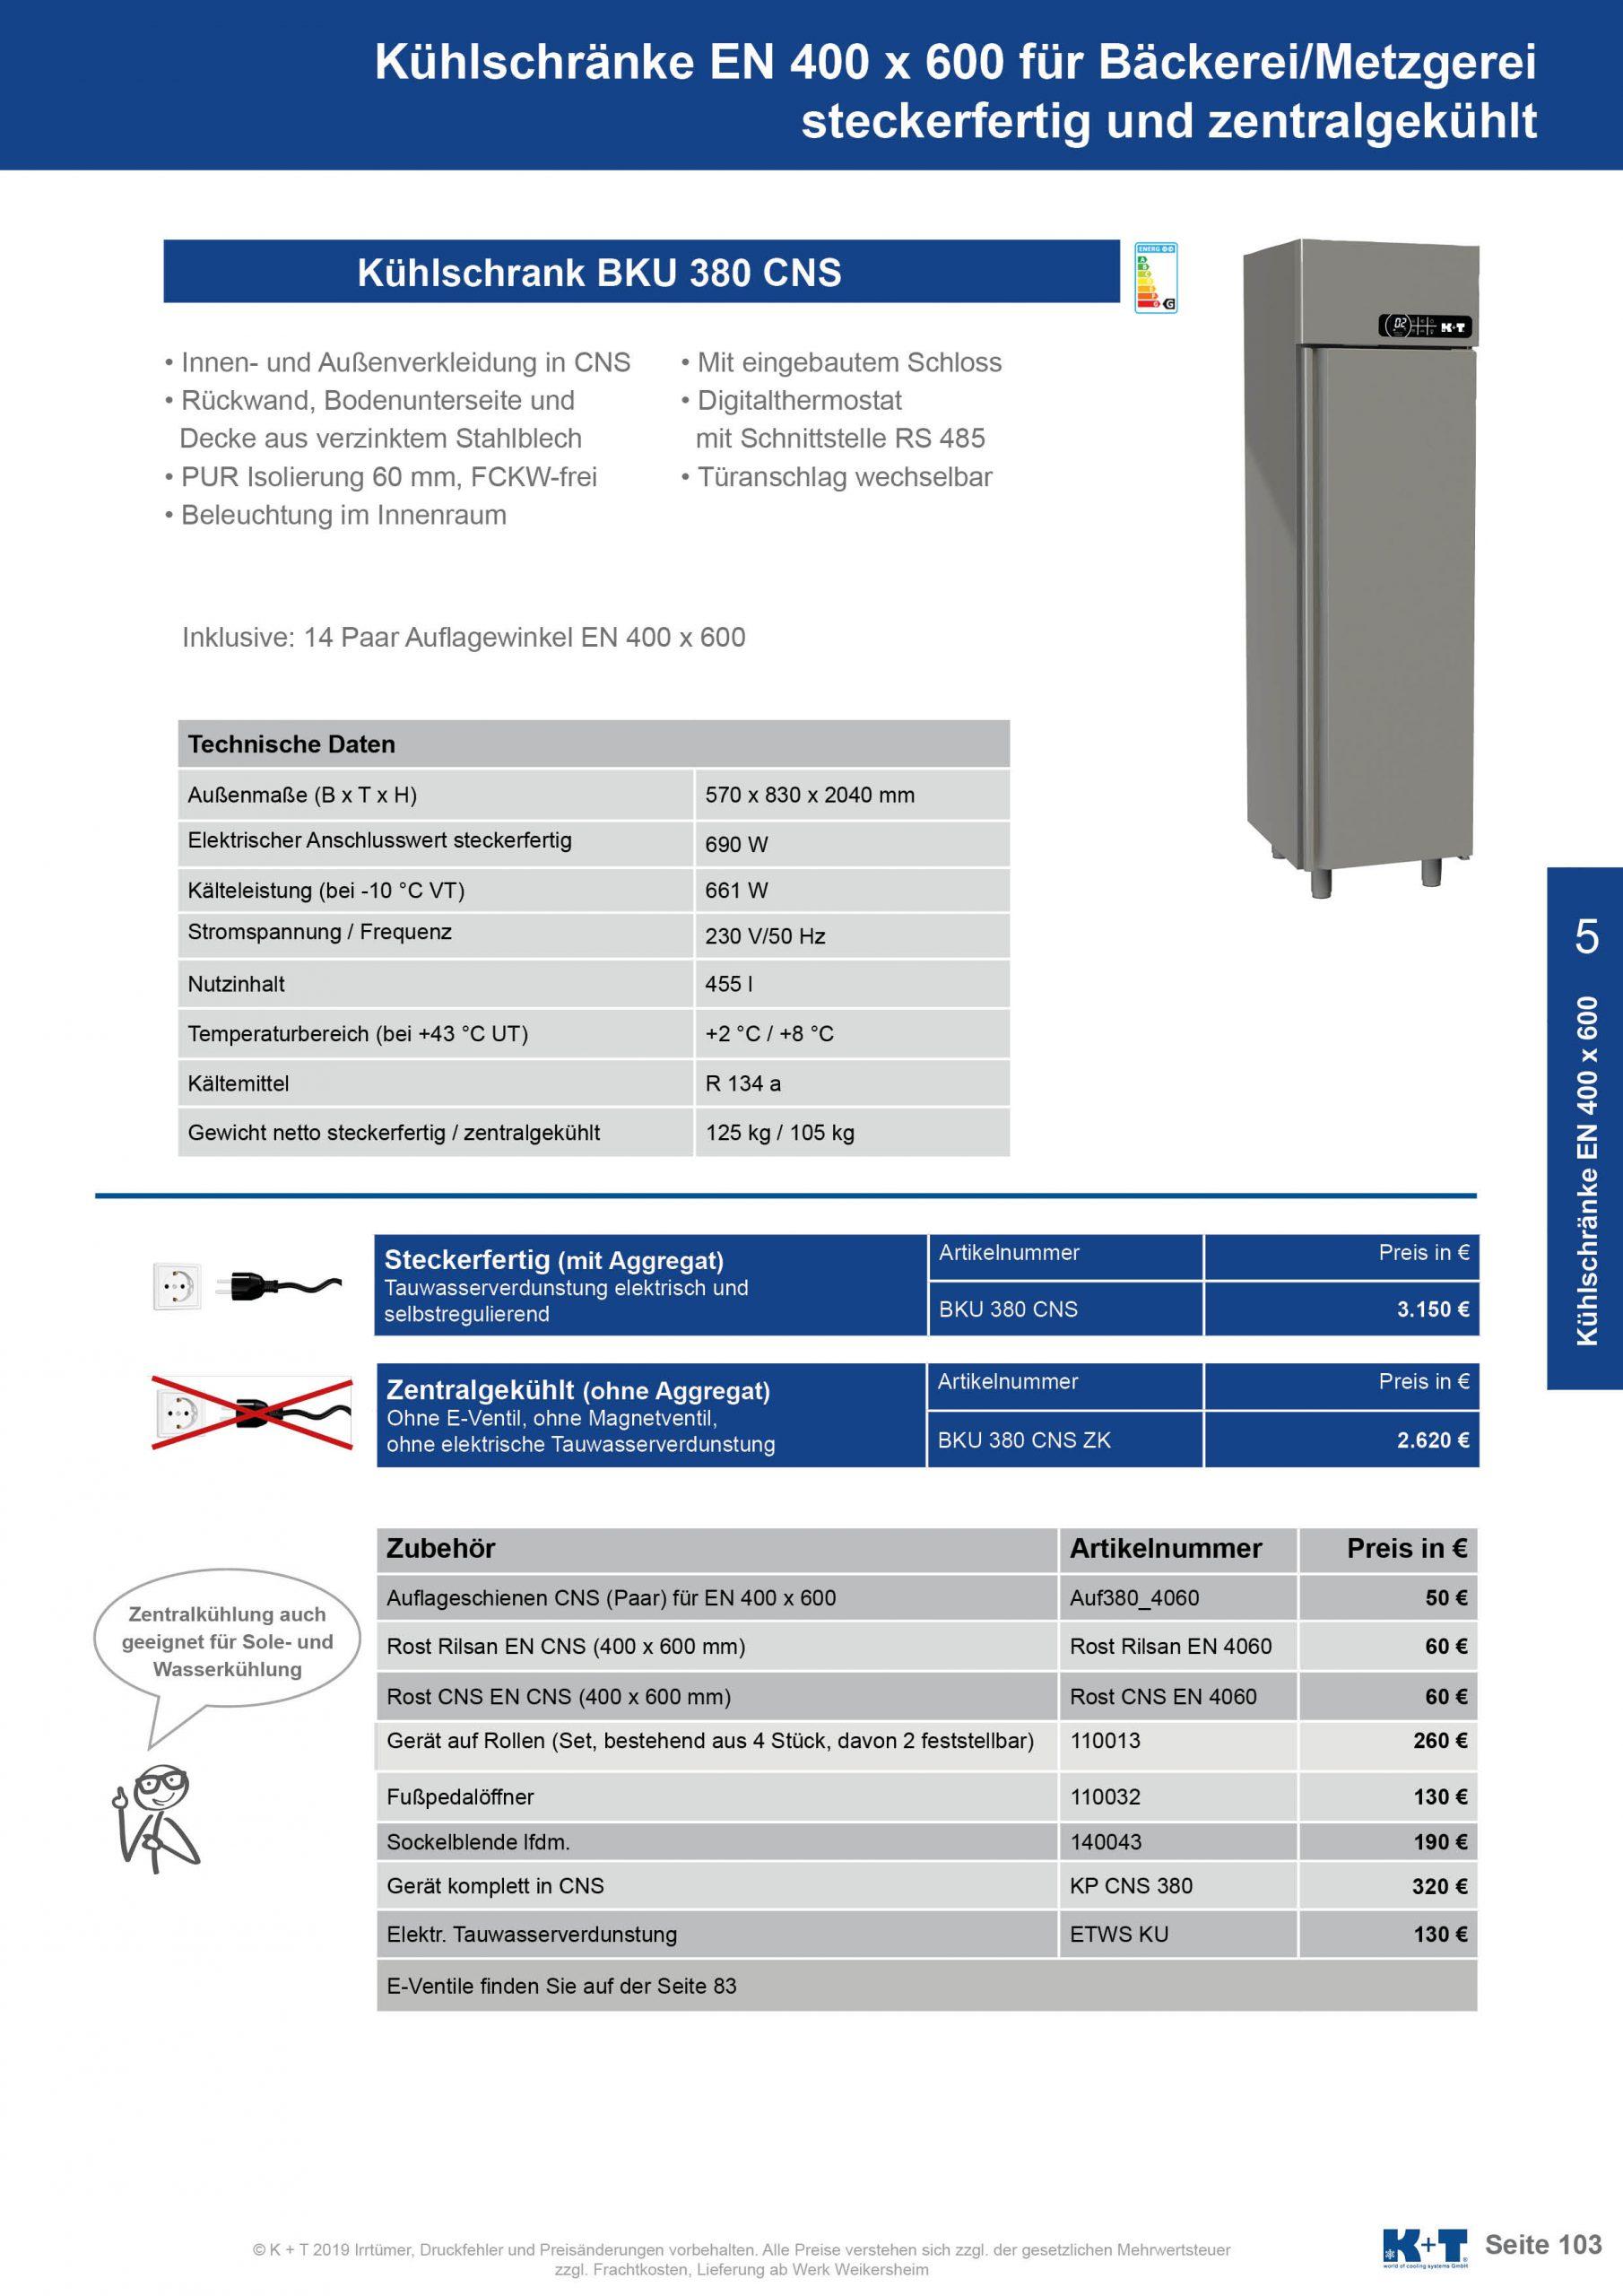 Kühlschränke Euronorm 400 x 600 Kühlschrank zentralgekühlt